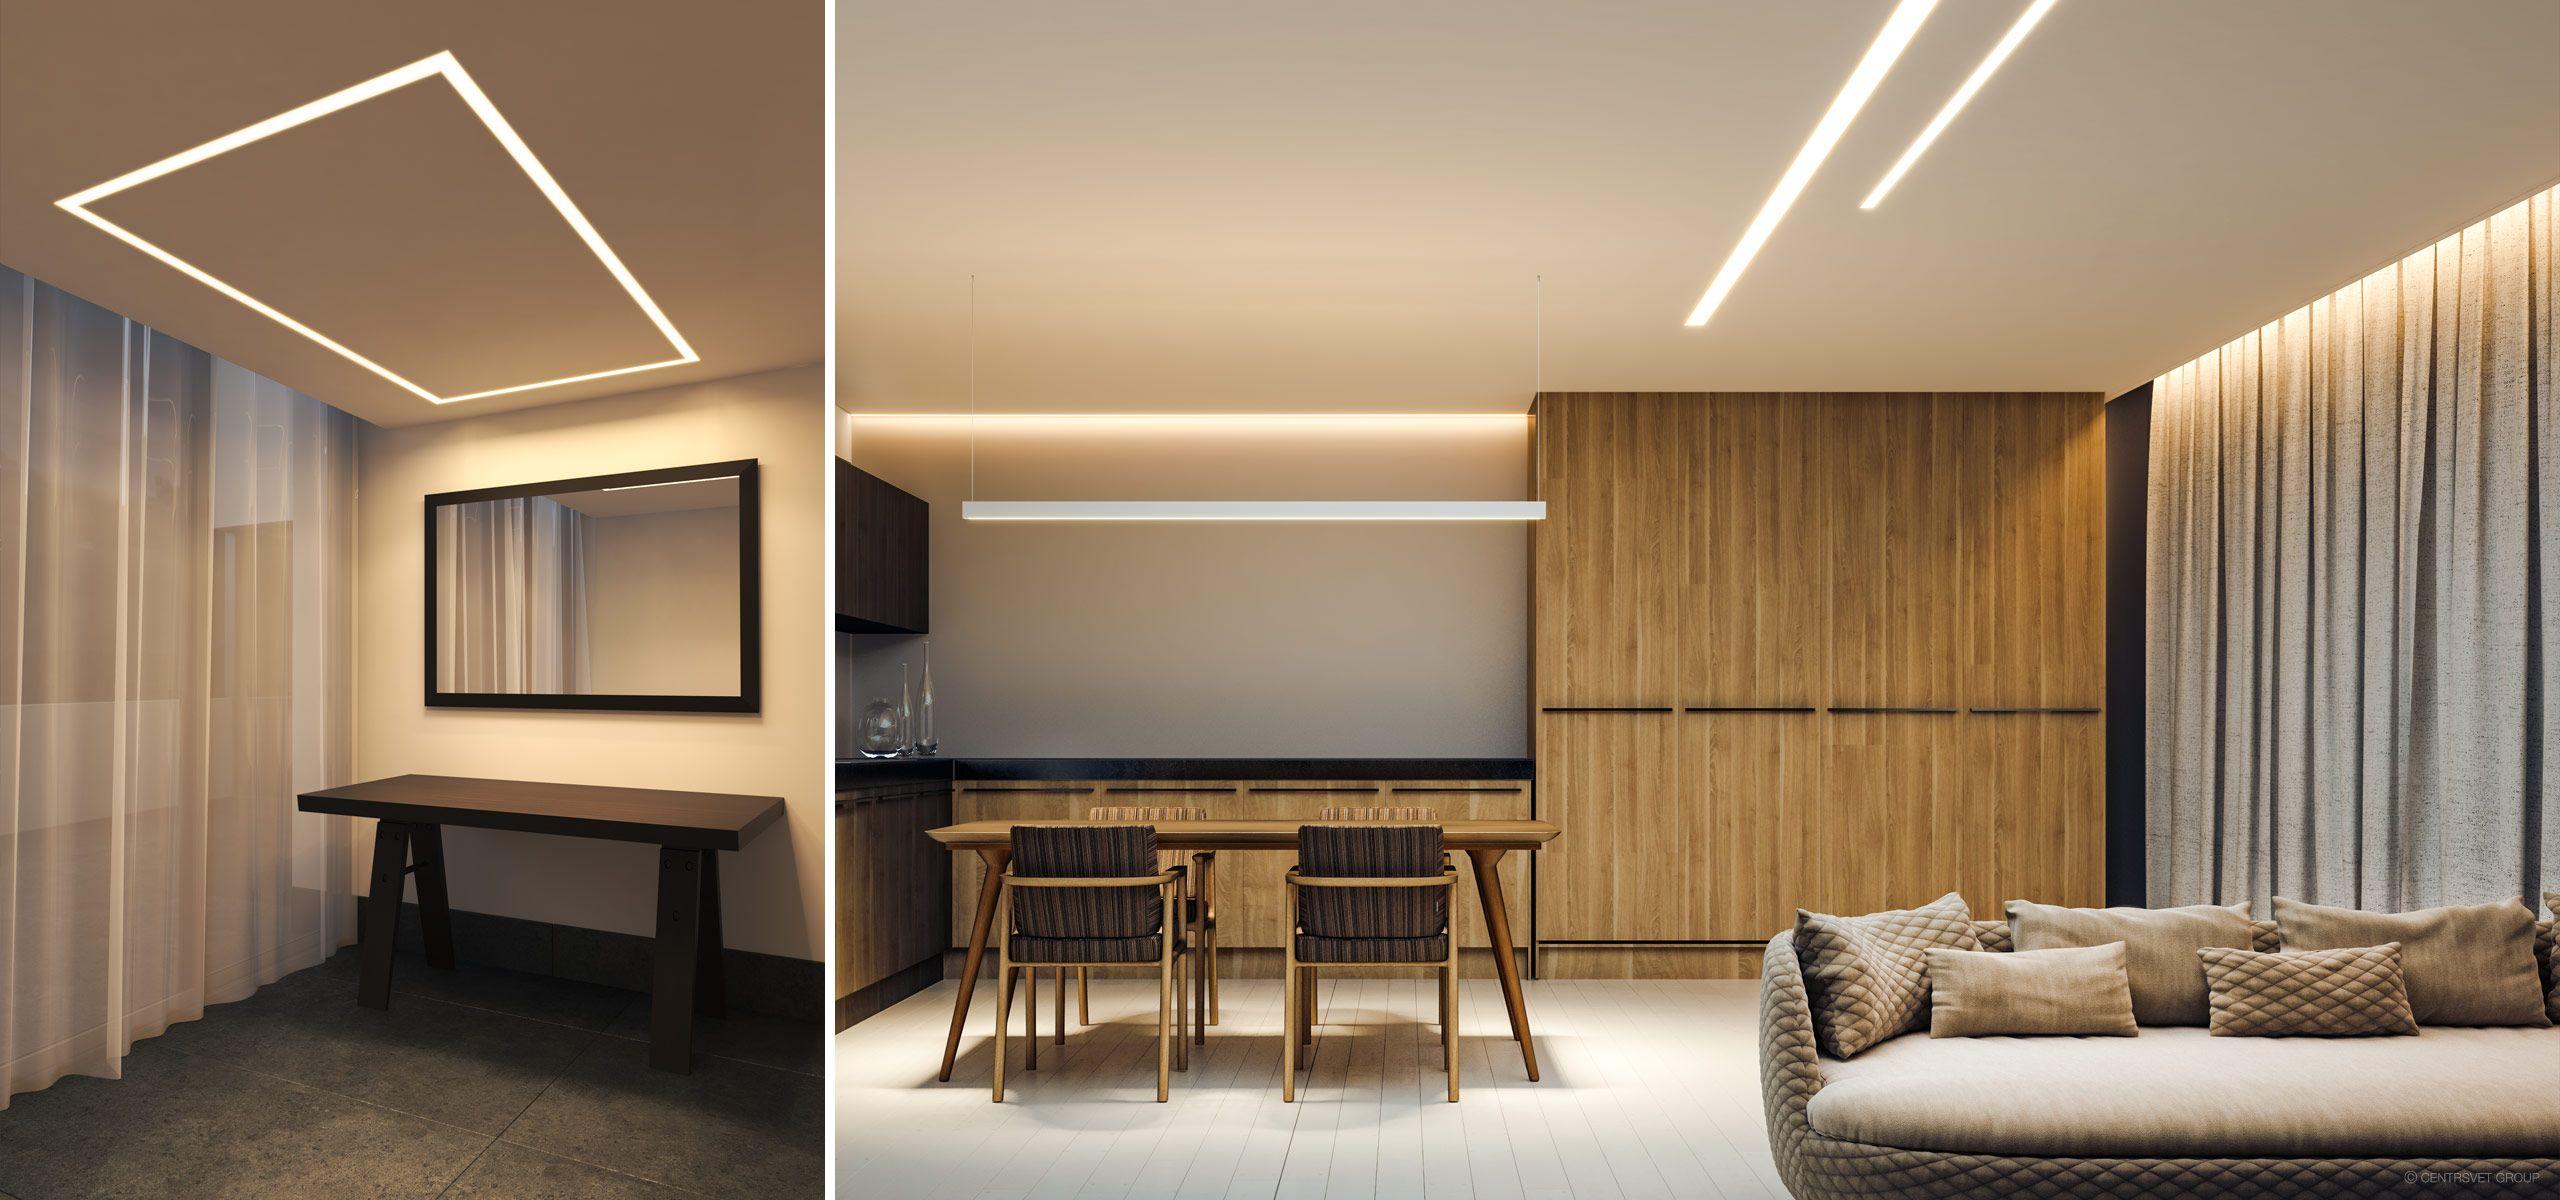 подвесной и встроенный линейный свет: Линейные светильники PROF F.65. Дизайнерские светодиодные светильники CENTRSVET | Для дома, Светильники, Пространства